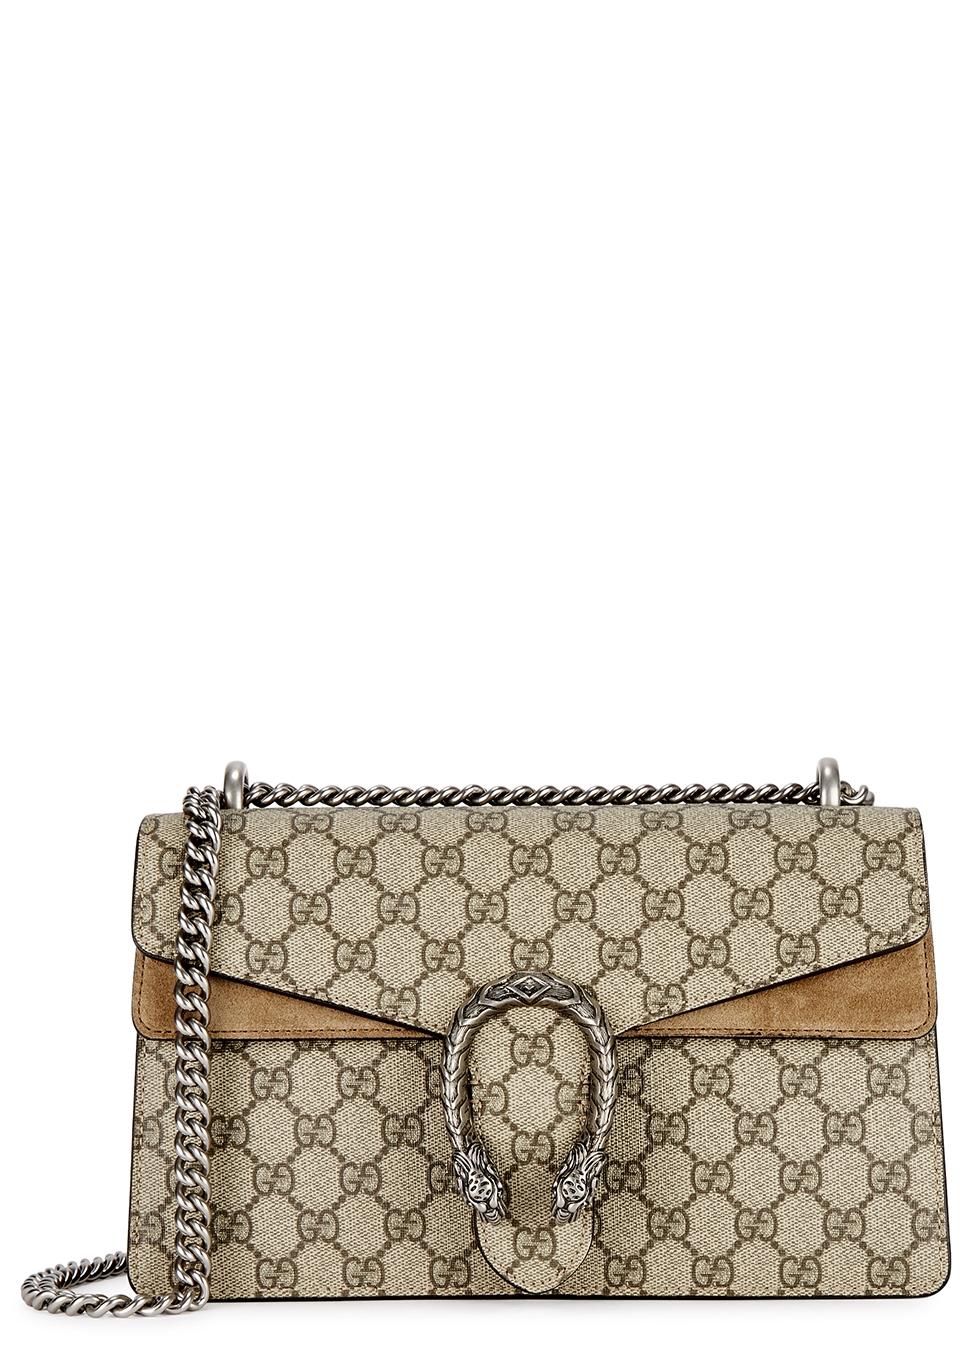 67b18c44ed87c1 Gucci - Designer Clothes - Harvey Nichols